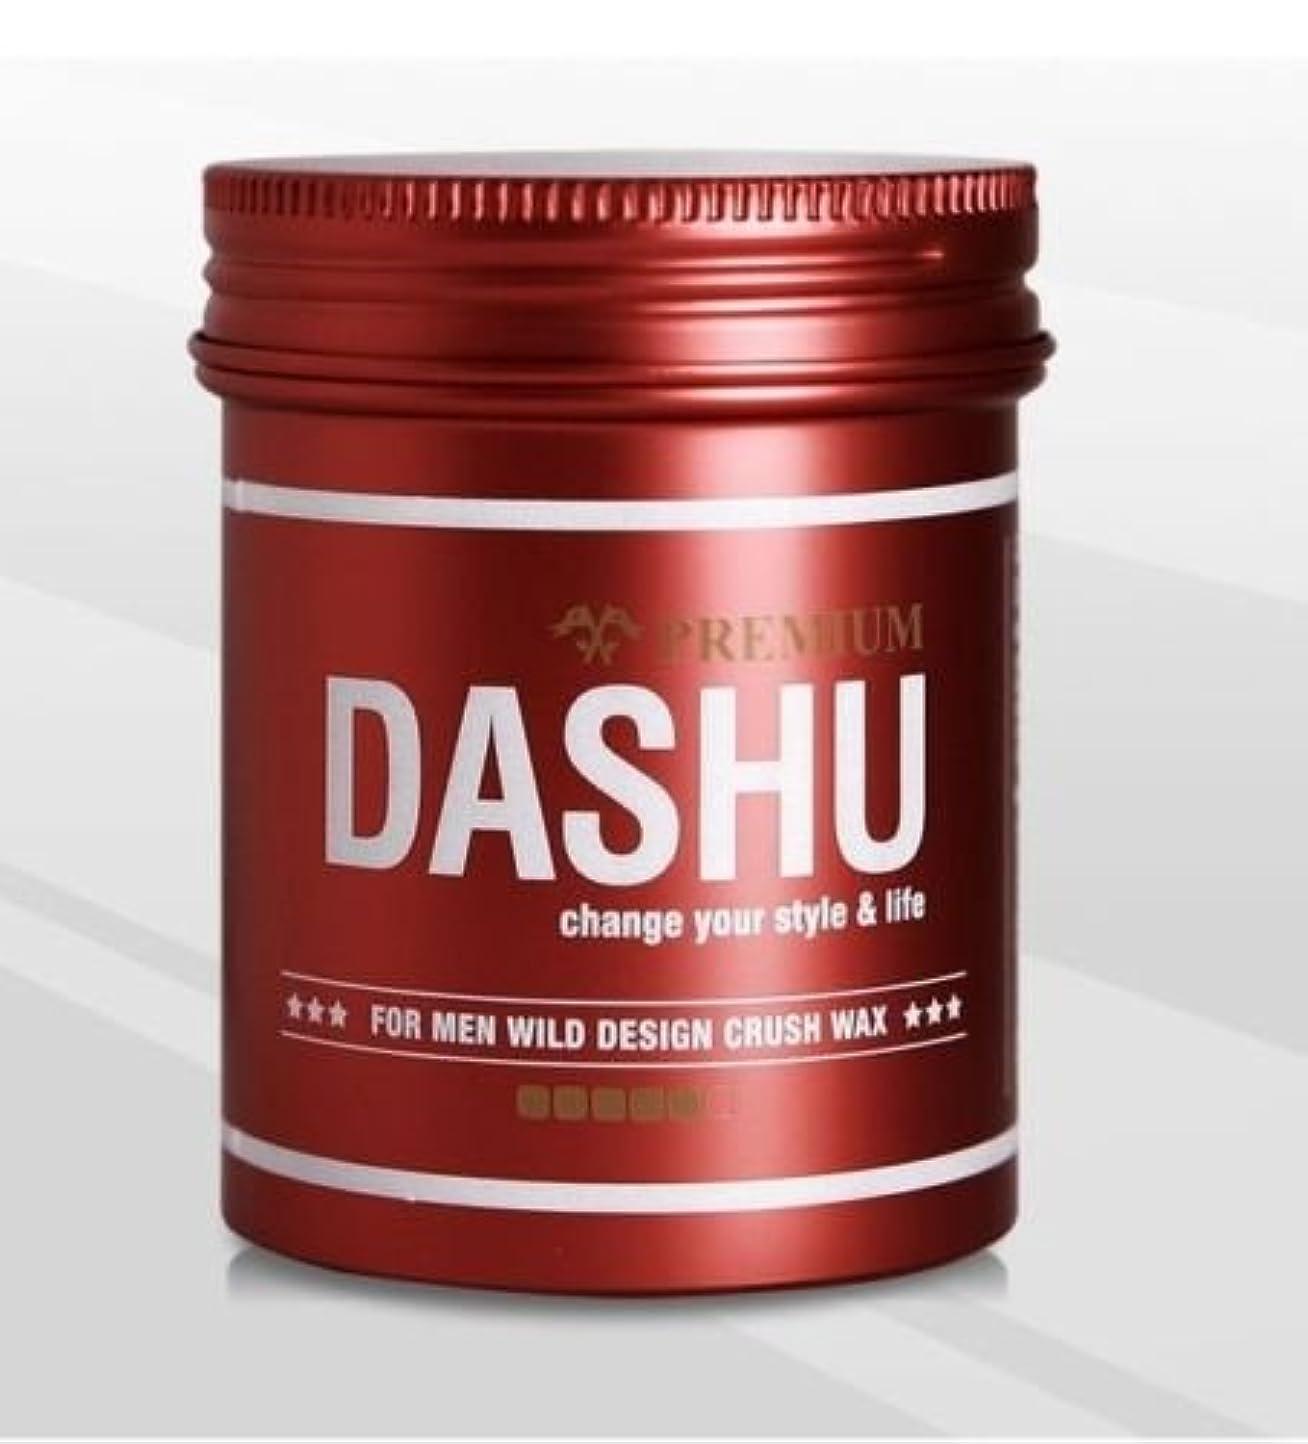 編集者ハウスどっち[DASHU] ダシュ For Men男性用 プレミアムワイルドデザインクラッシュワックス Premium Wild Design Crush Hair Wax 100ml / 韓国製 . 韓国直送品